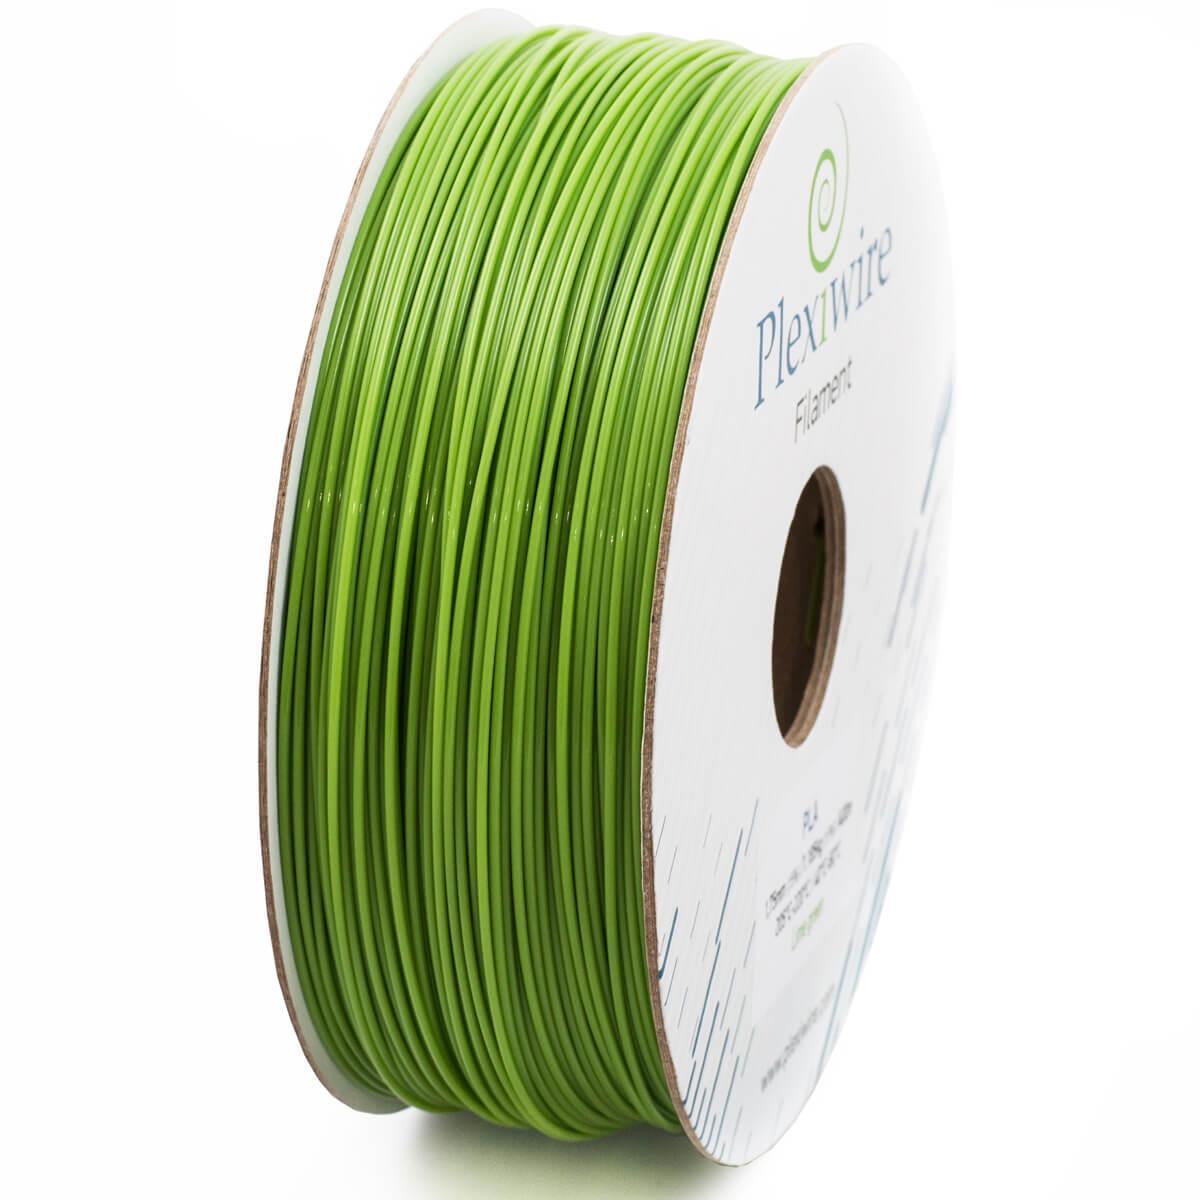 Пластик PLA 1,75 мм 1,185кг/400м Plexiwire Салатовий